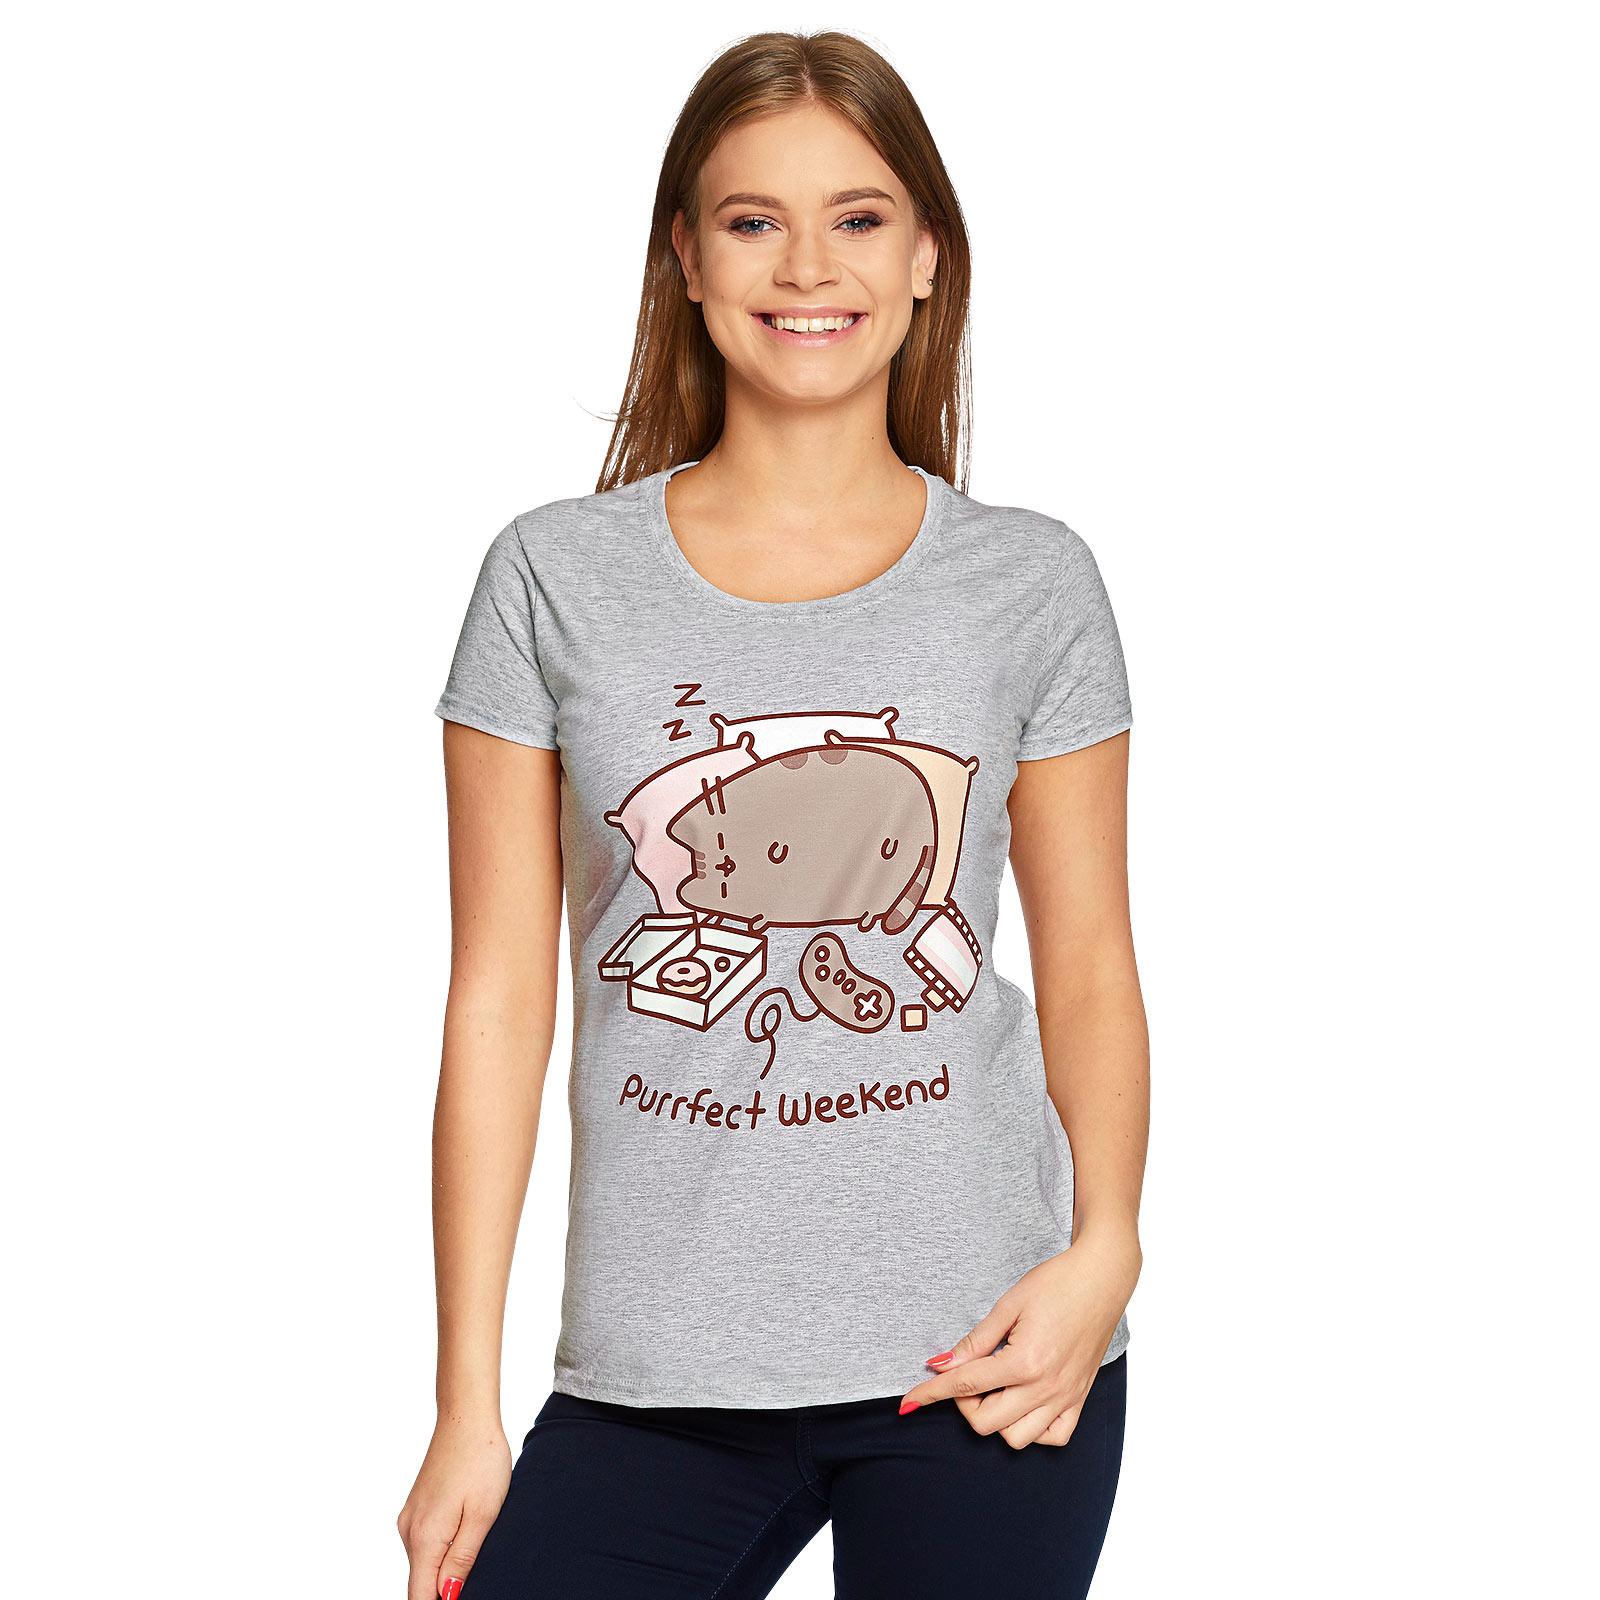 Pusheen - Purrfect Weekend T-Shirt Damen grau